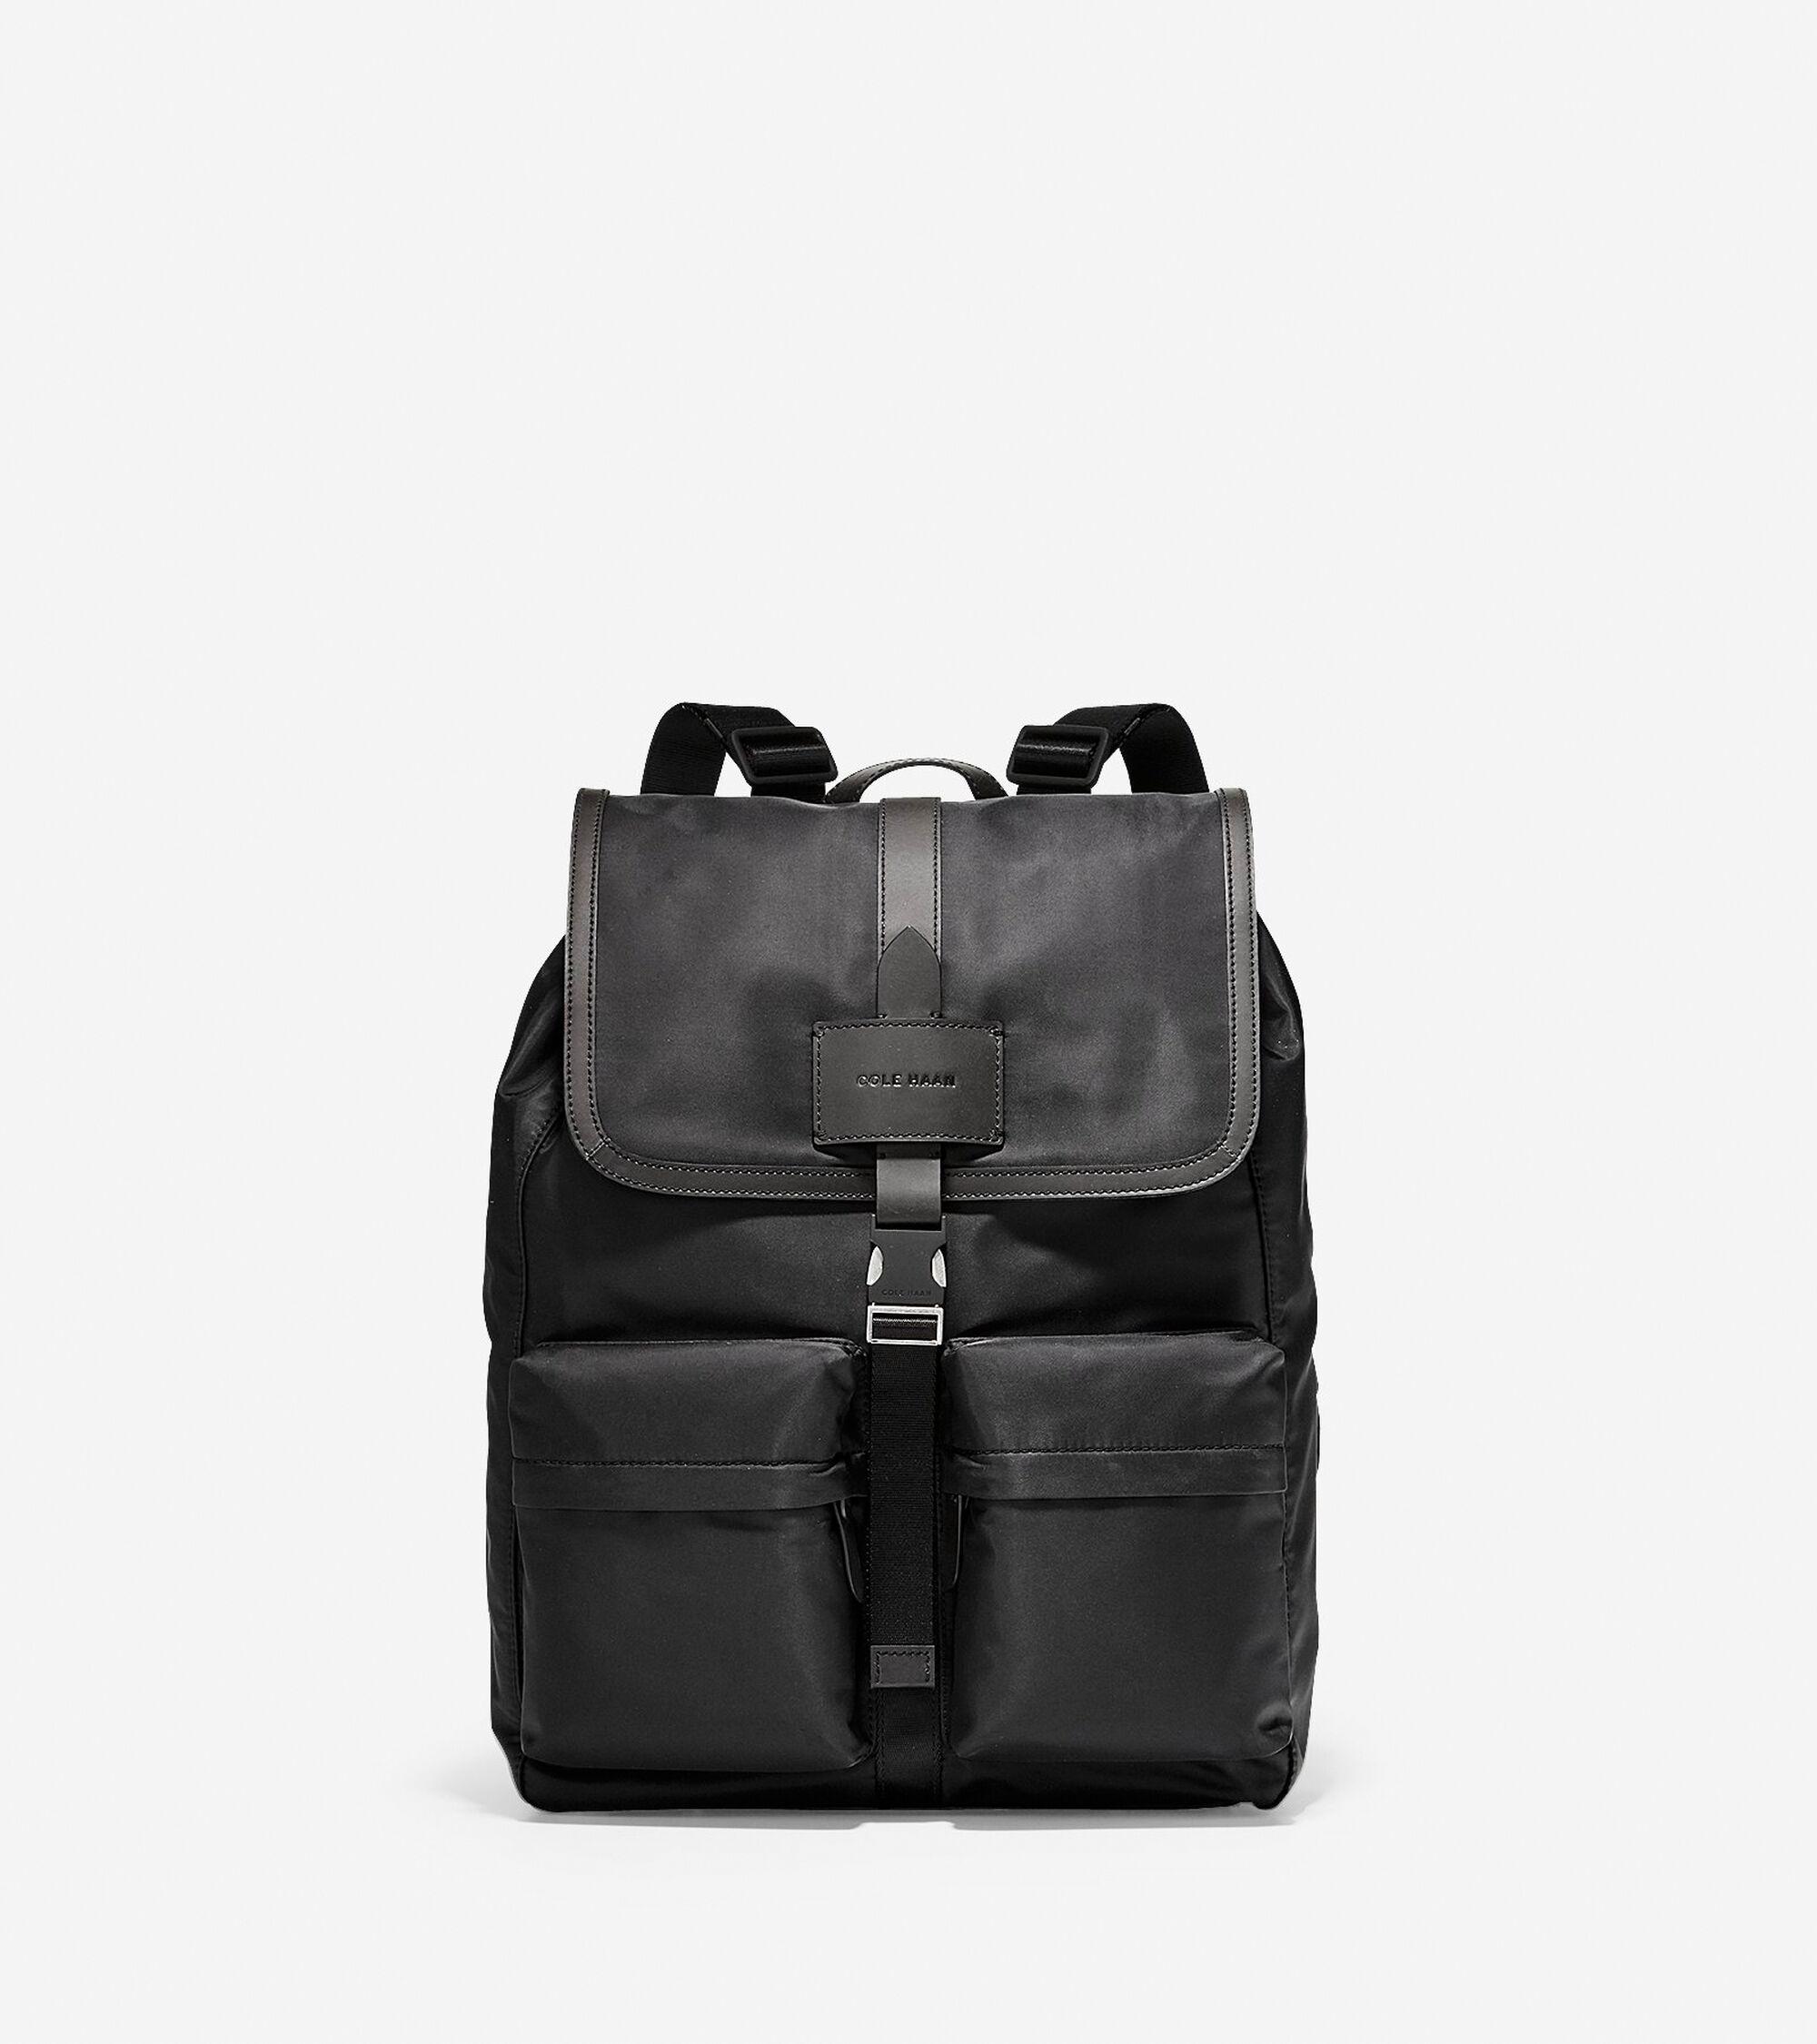 ZerØgrand Backpack